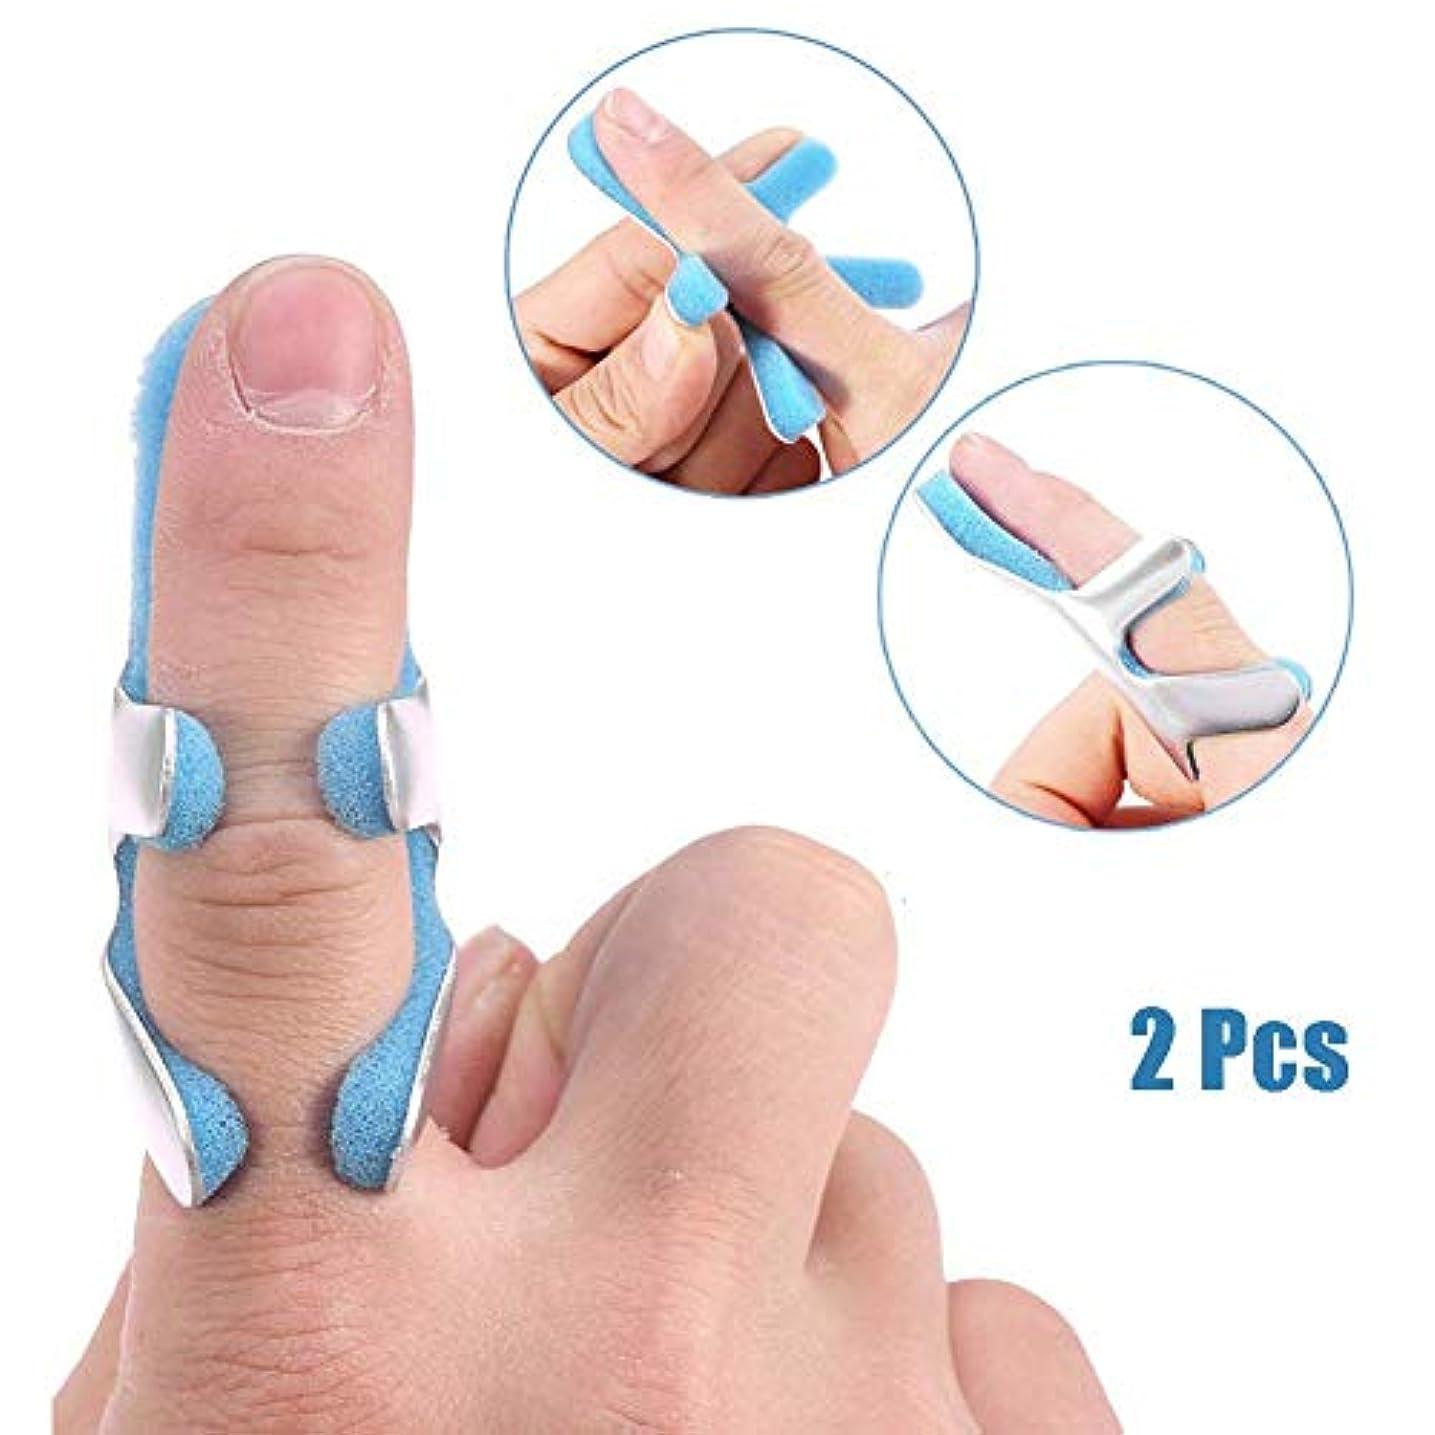 松ボス触覚フィンガースプリント、腱リリース用のパッド付きアルミニウム固定サポートパッド、痛み緩和、2個、L